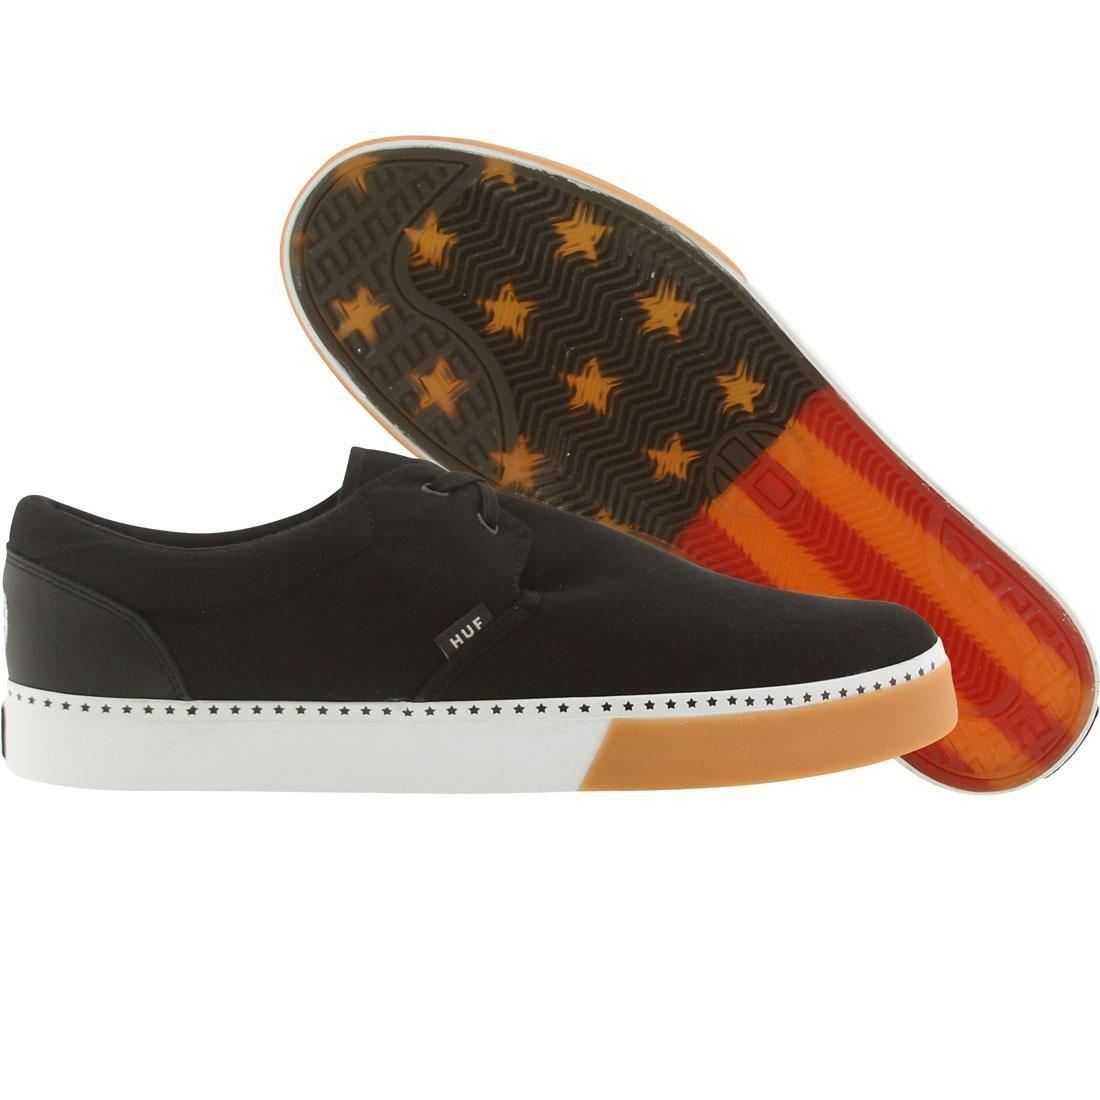 【海外限定】ハフ 靴 メンズ靴 【 HUF GENUINE STAR PACK BLACK GUM 】